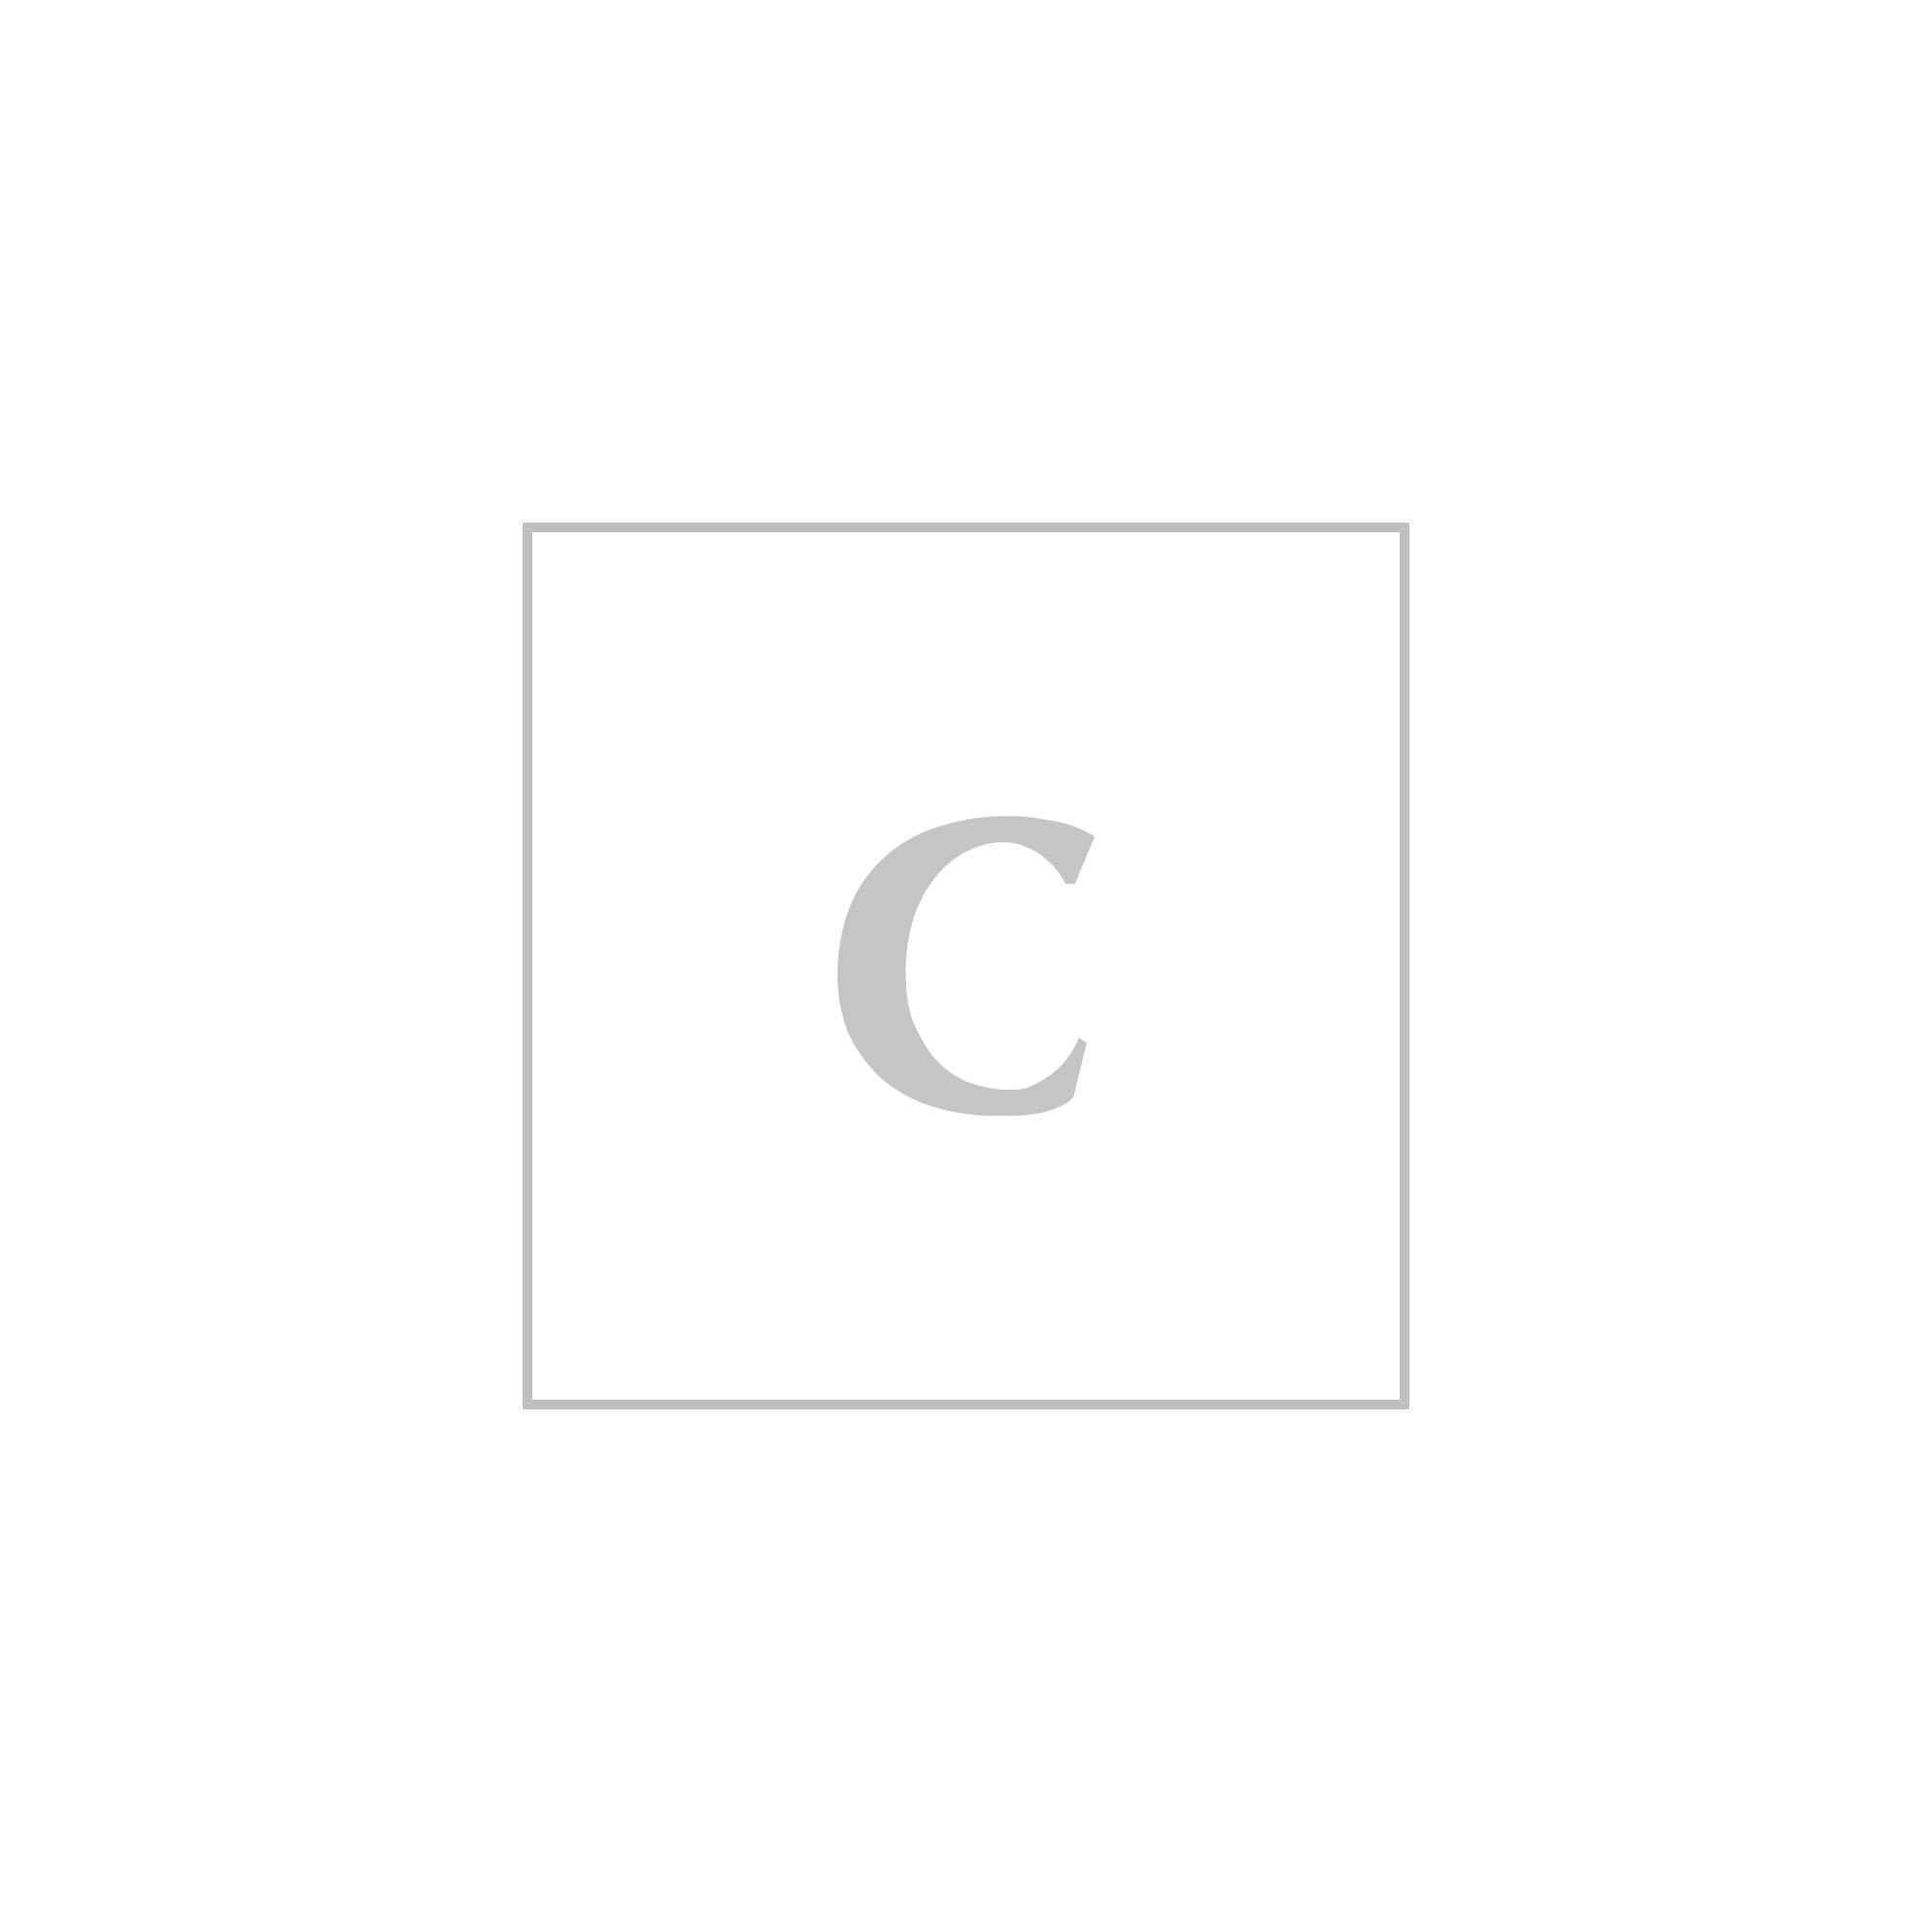 Piumini Donna Boutique Moncler Coltorti Nero Basic da 5r5WnRv a97758a945ad